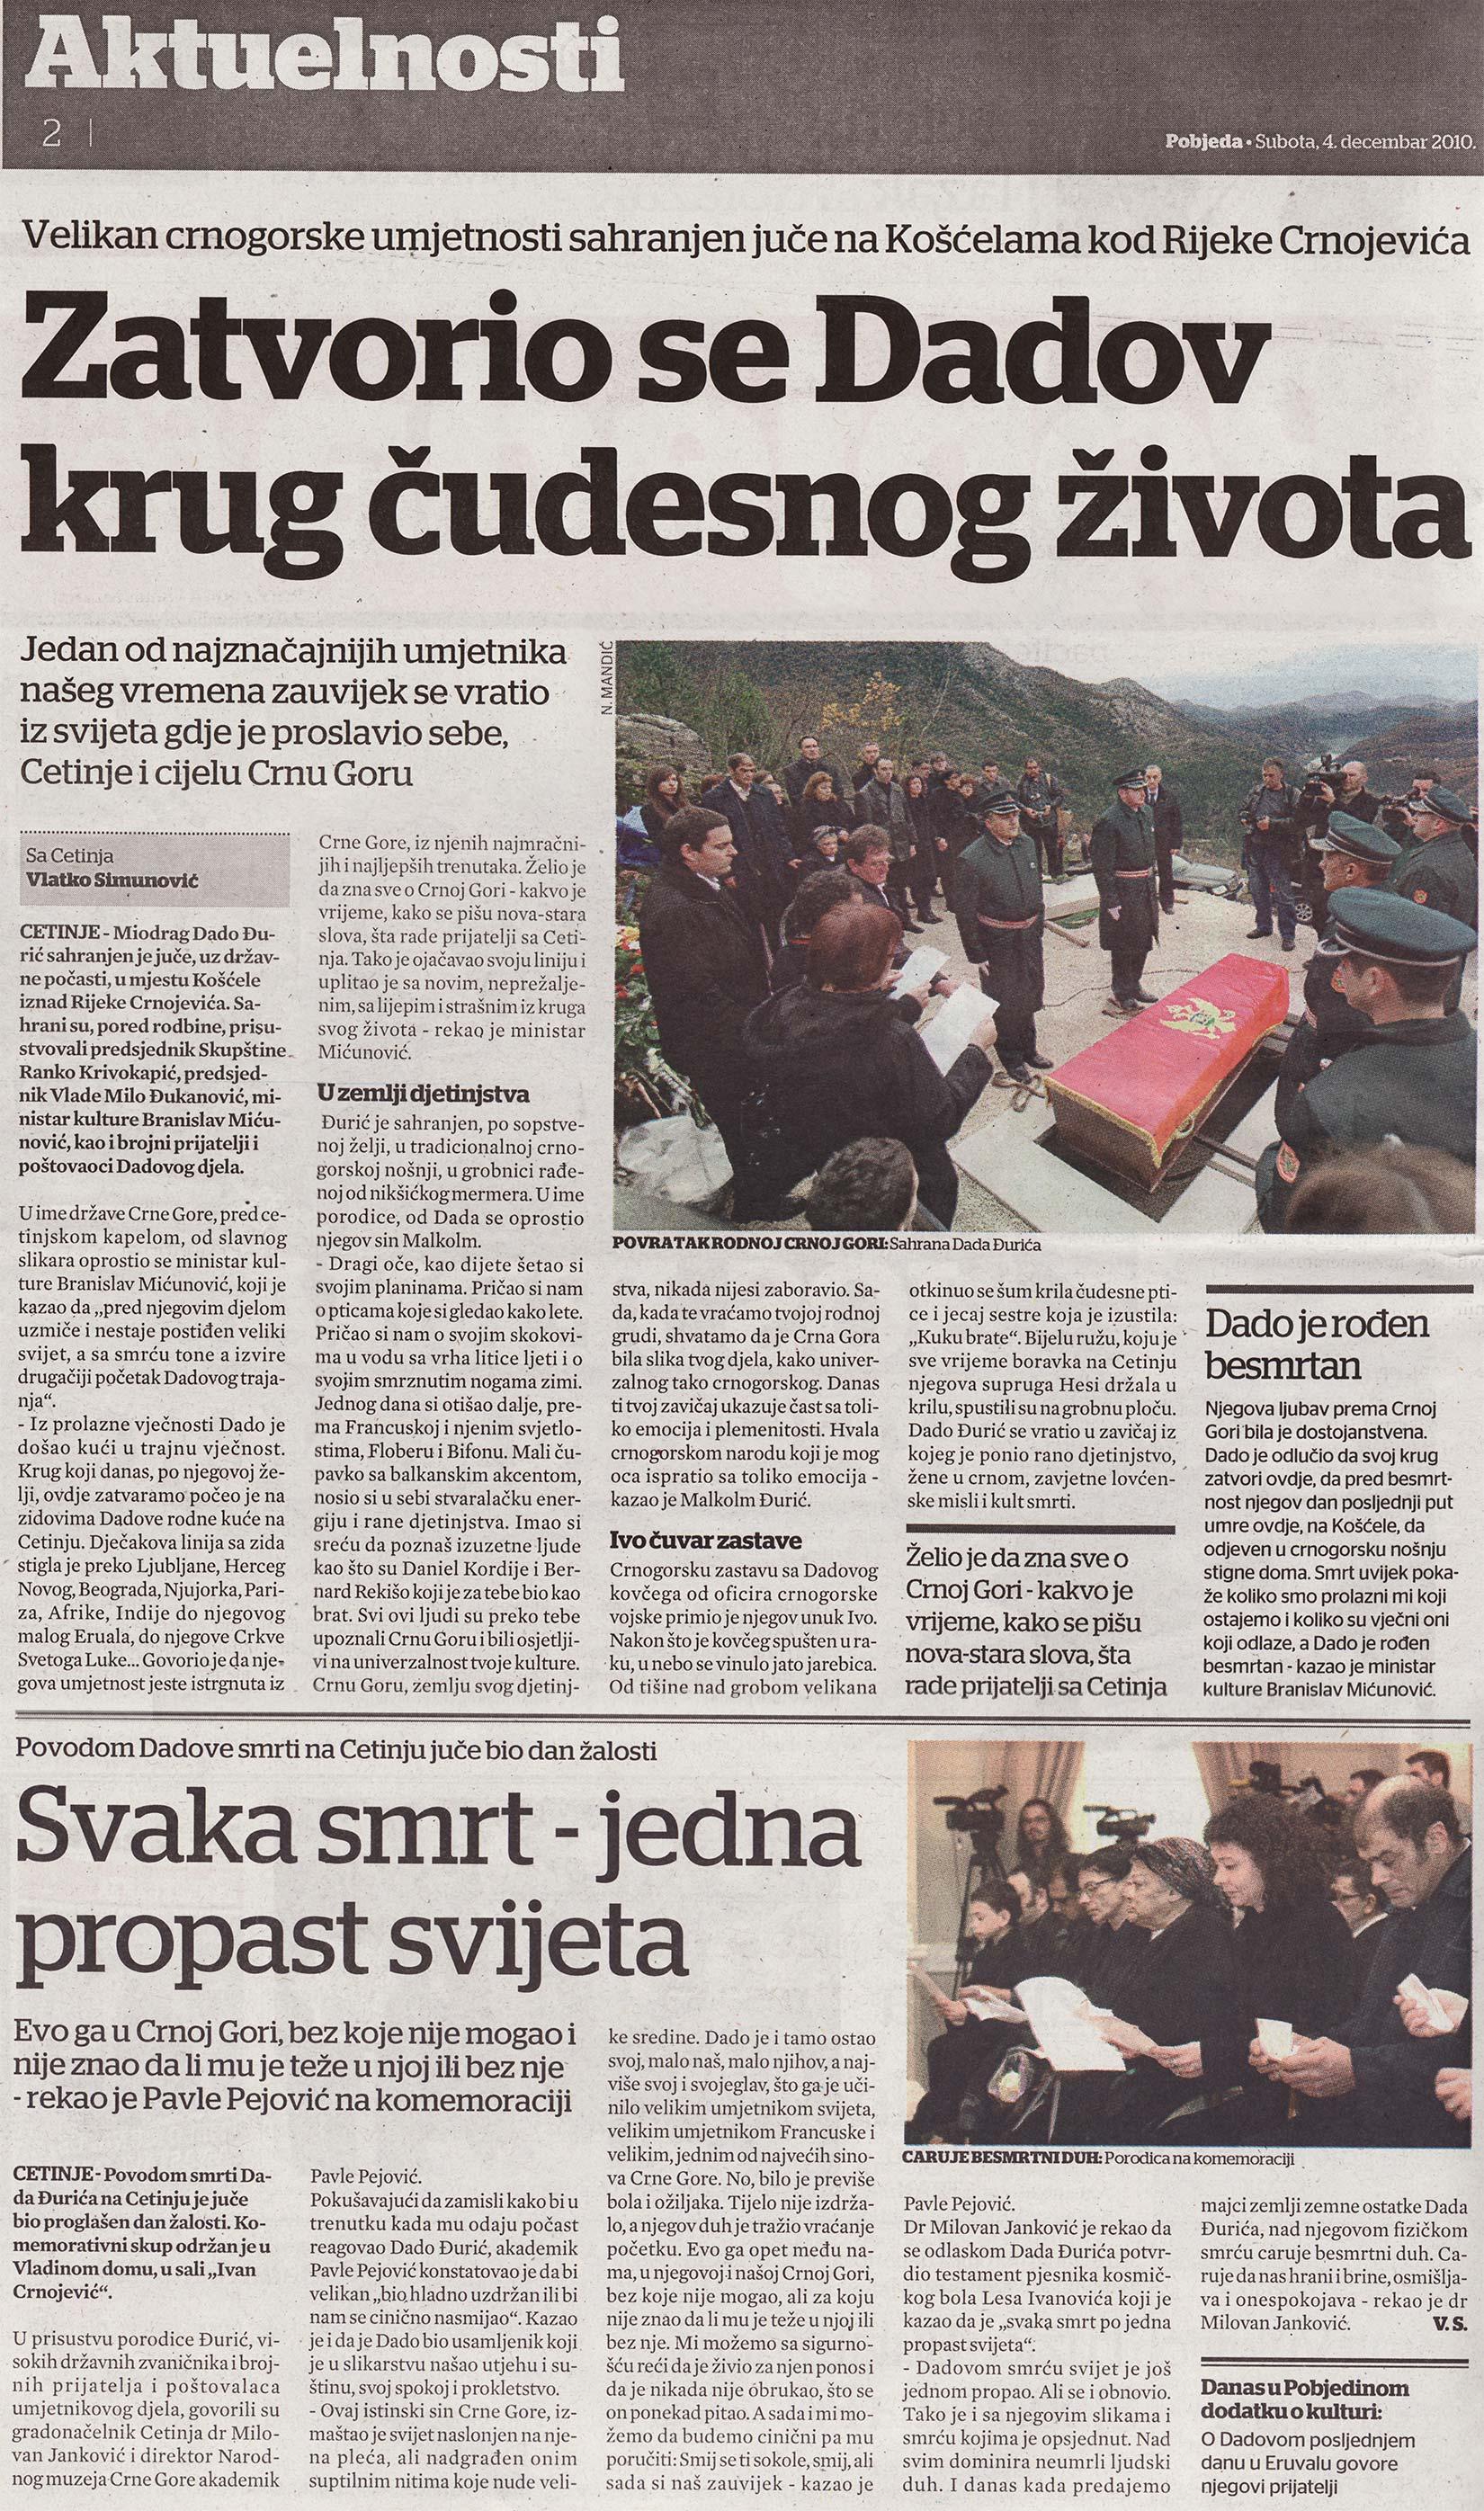 Dnevni list Pobjeda od 04. decembra 2010. godine.